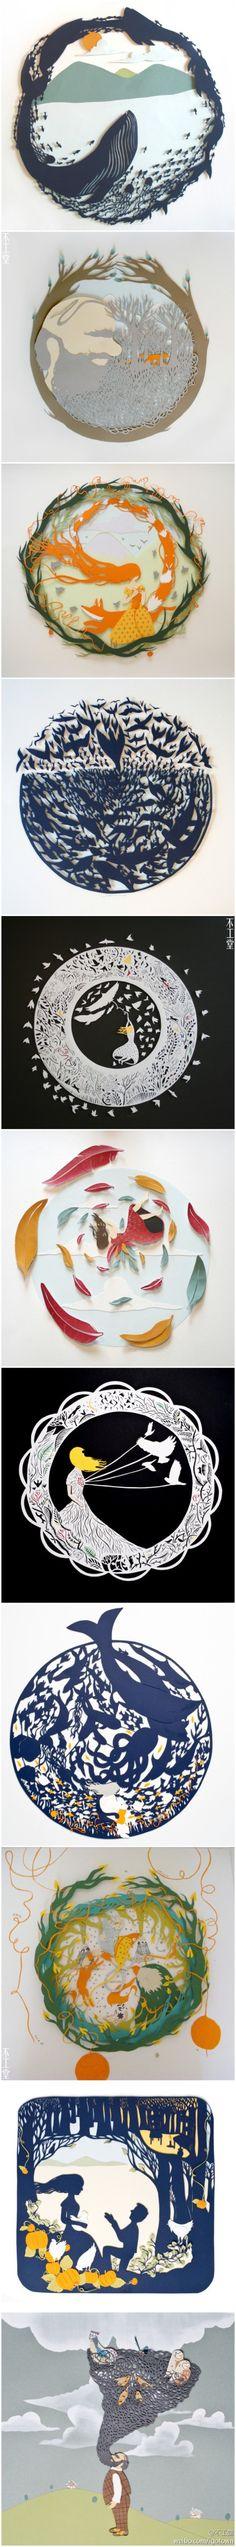 Beautiful Paper Cutting! Sarah Dennis的刻纸杰作。